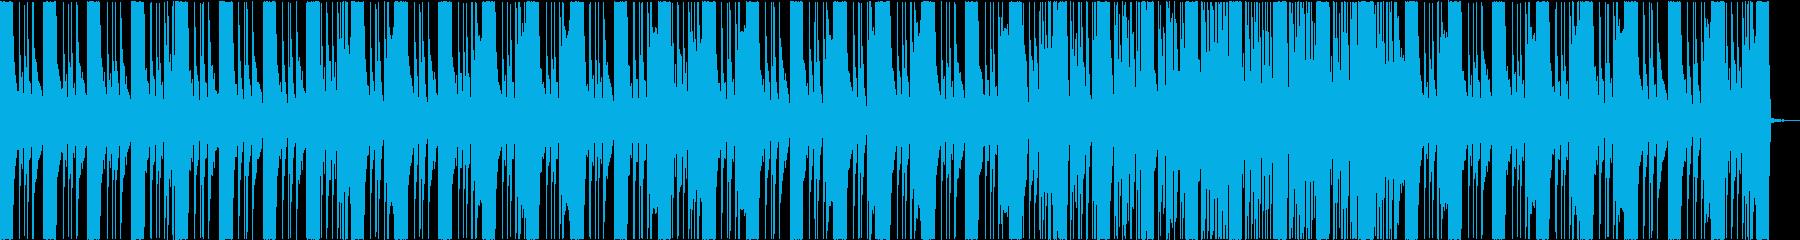 ギターリフ|高級・登場・エリート・実験の再生済みの波形